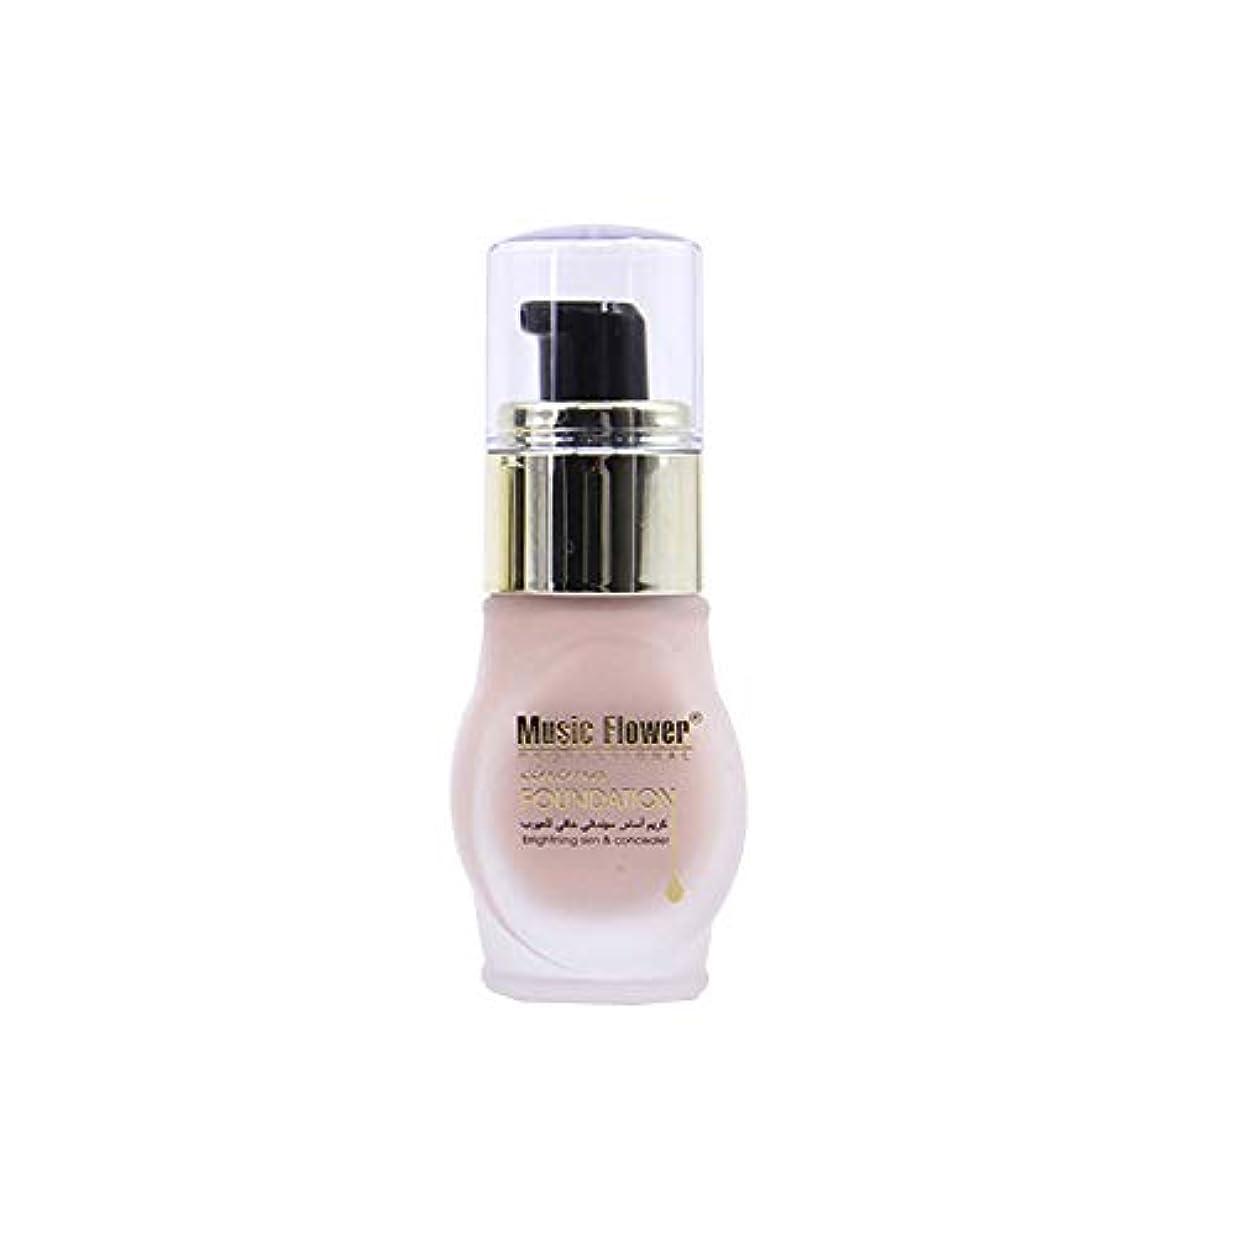 残り物耳シャツビューティー コンシーラー 長続きがする 化粧品 上質 滑らかな風合い 繊細な化粧 自然に見える カバーパーフェクション チップコンシーラー UV対策 裸化粧品